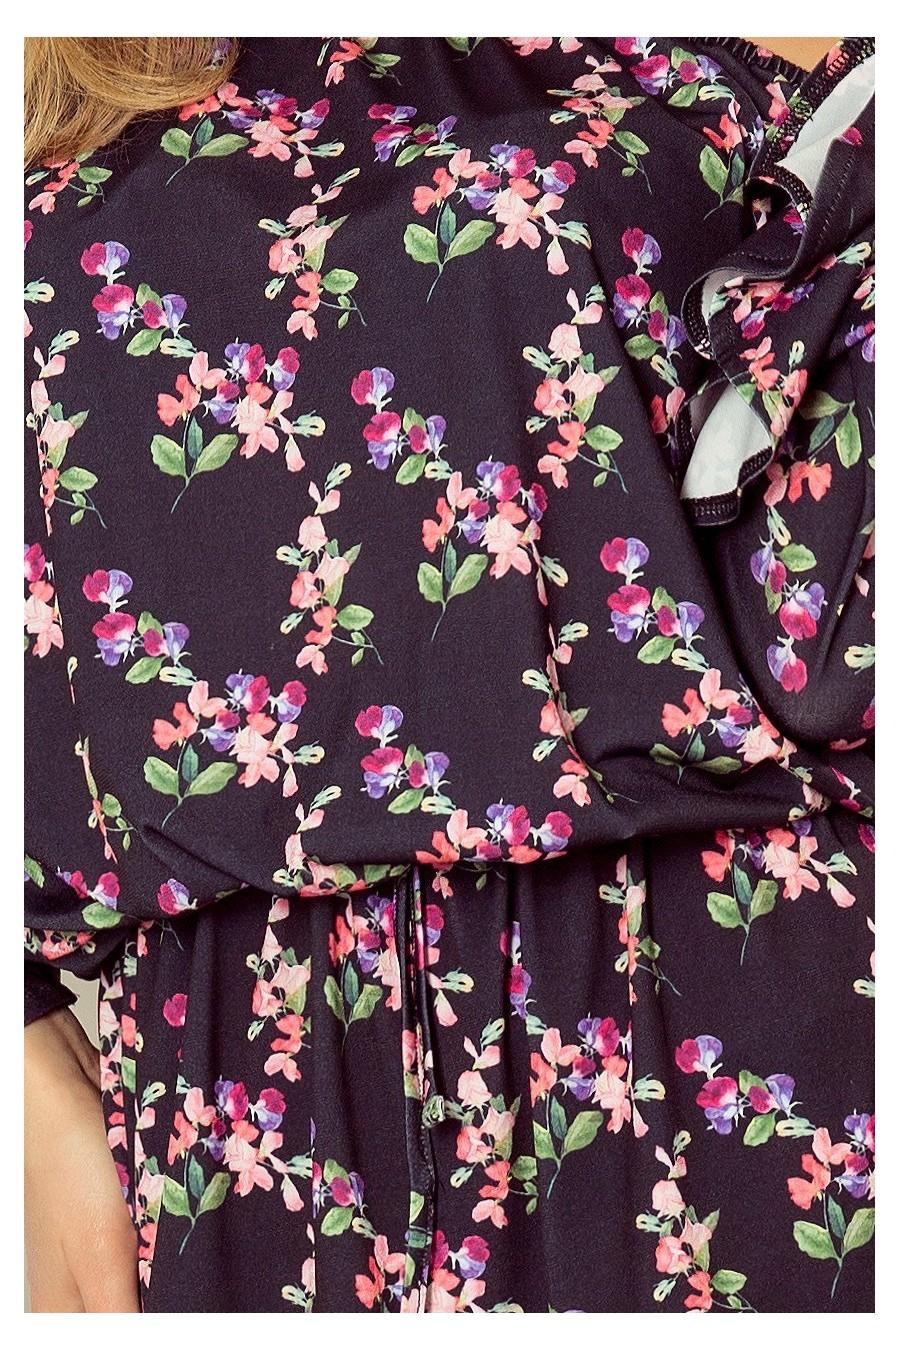 198-3 JULIE Šaty s volánky na rukávech - malé květy + černé